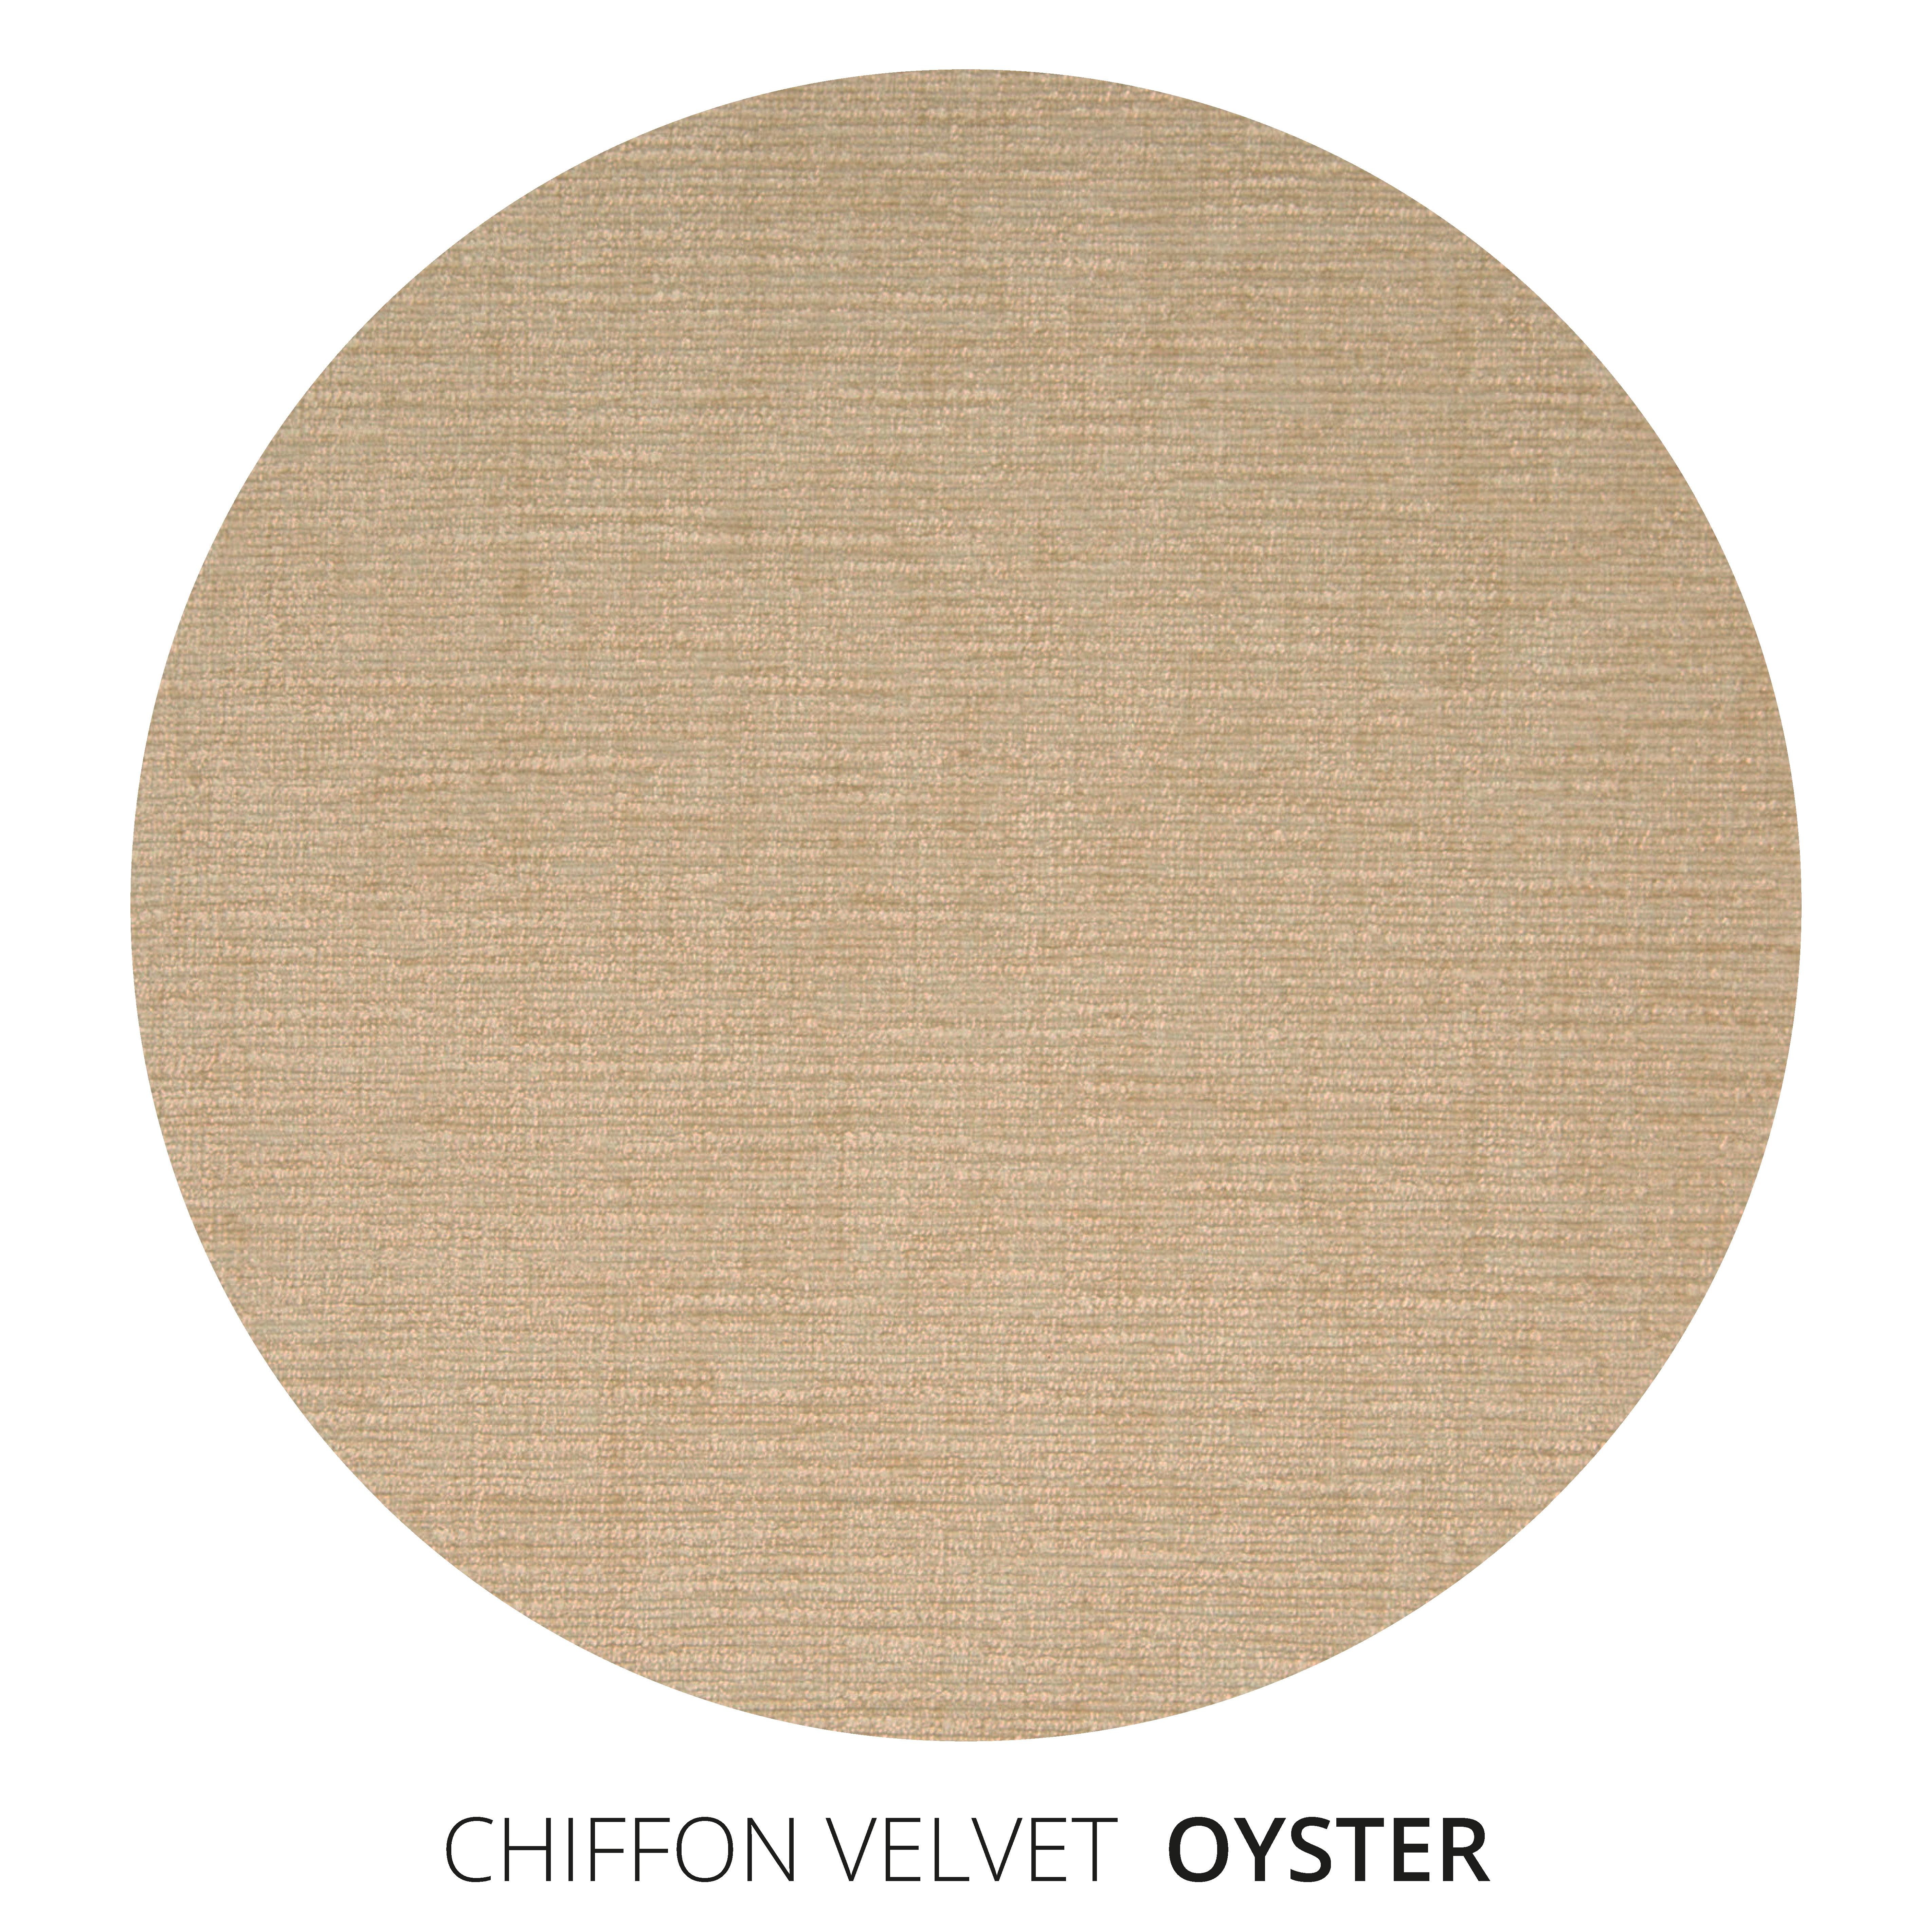 Oyster Chiffon Velvet Swatch